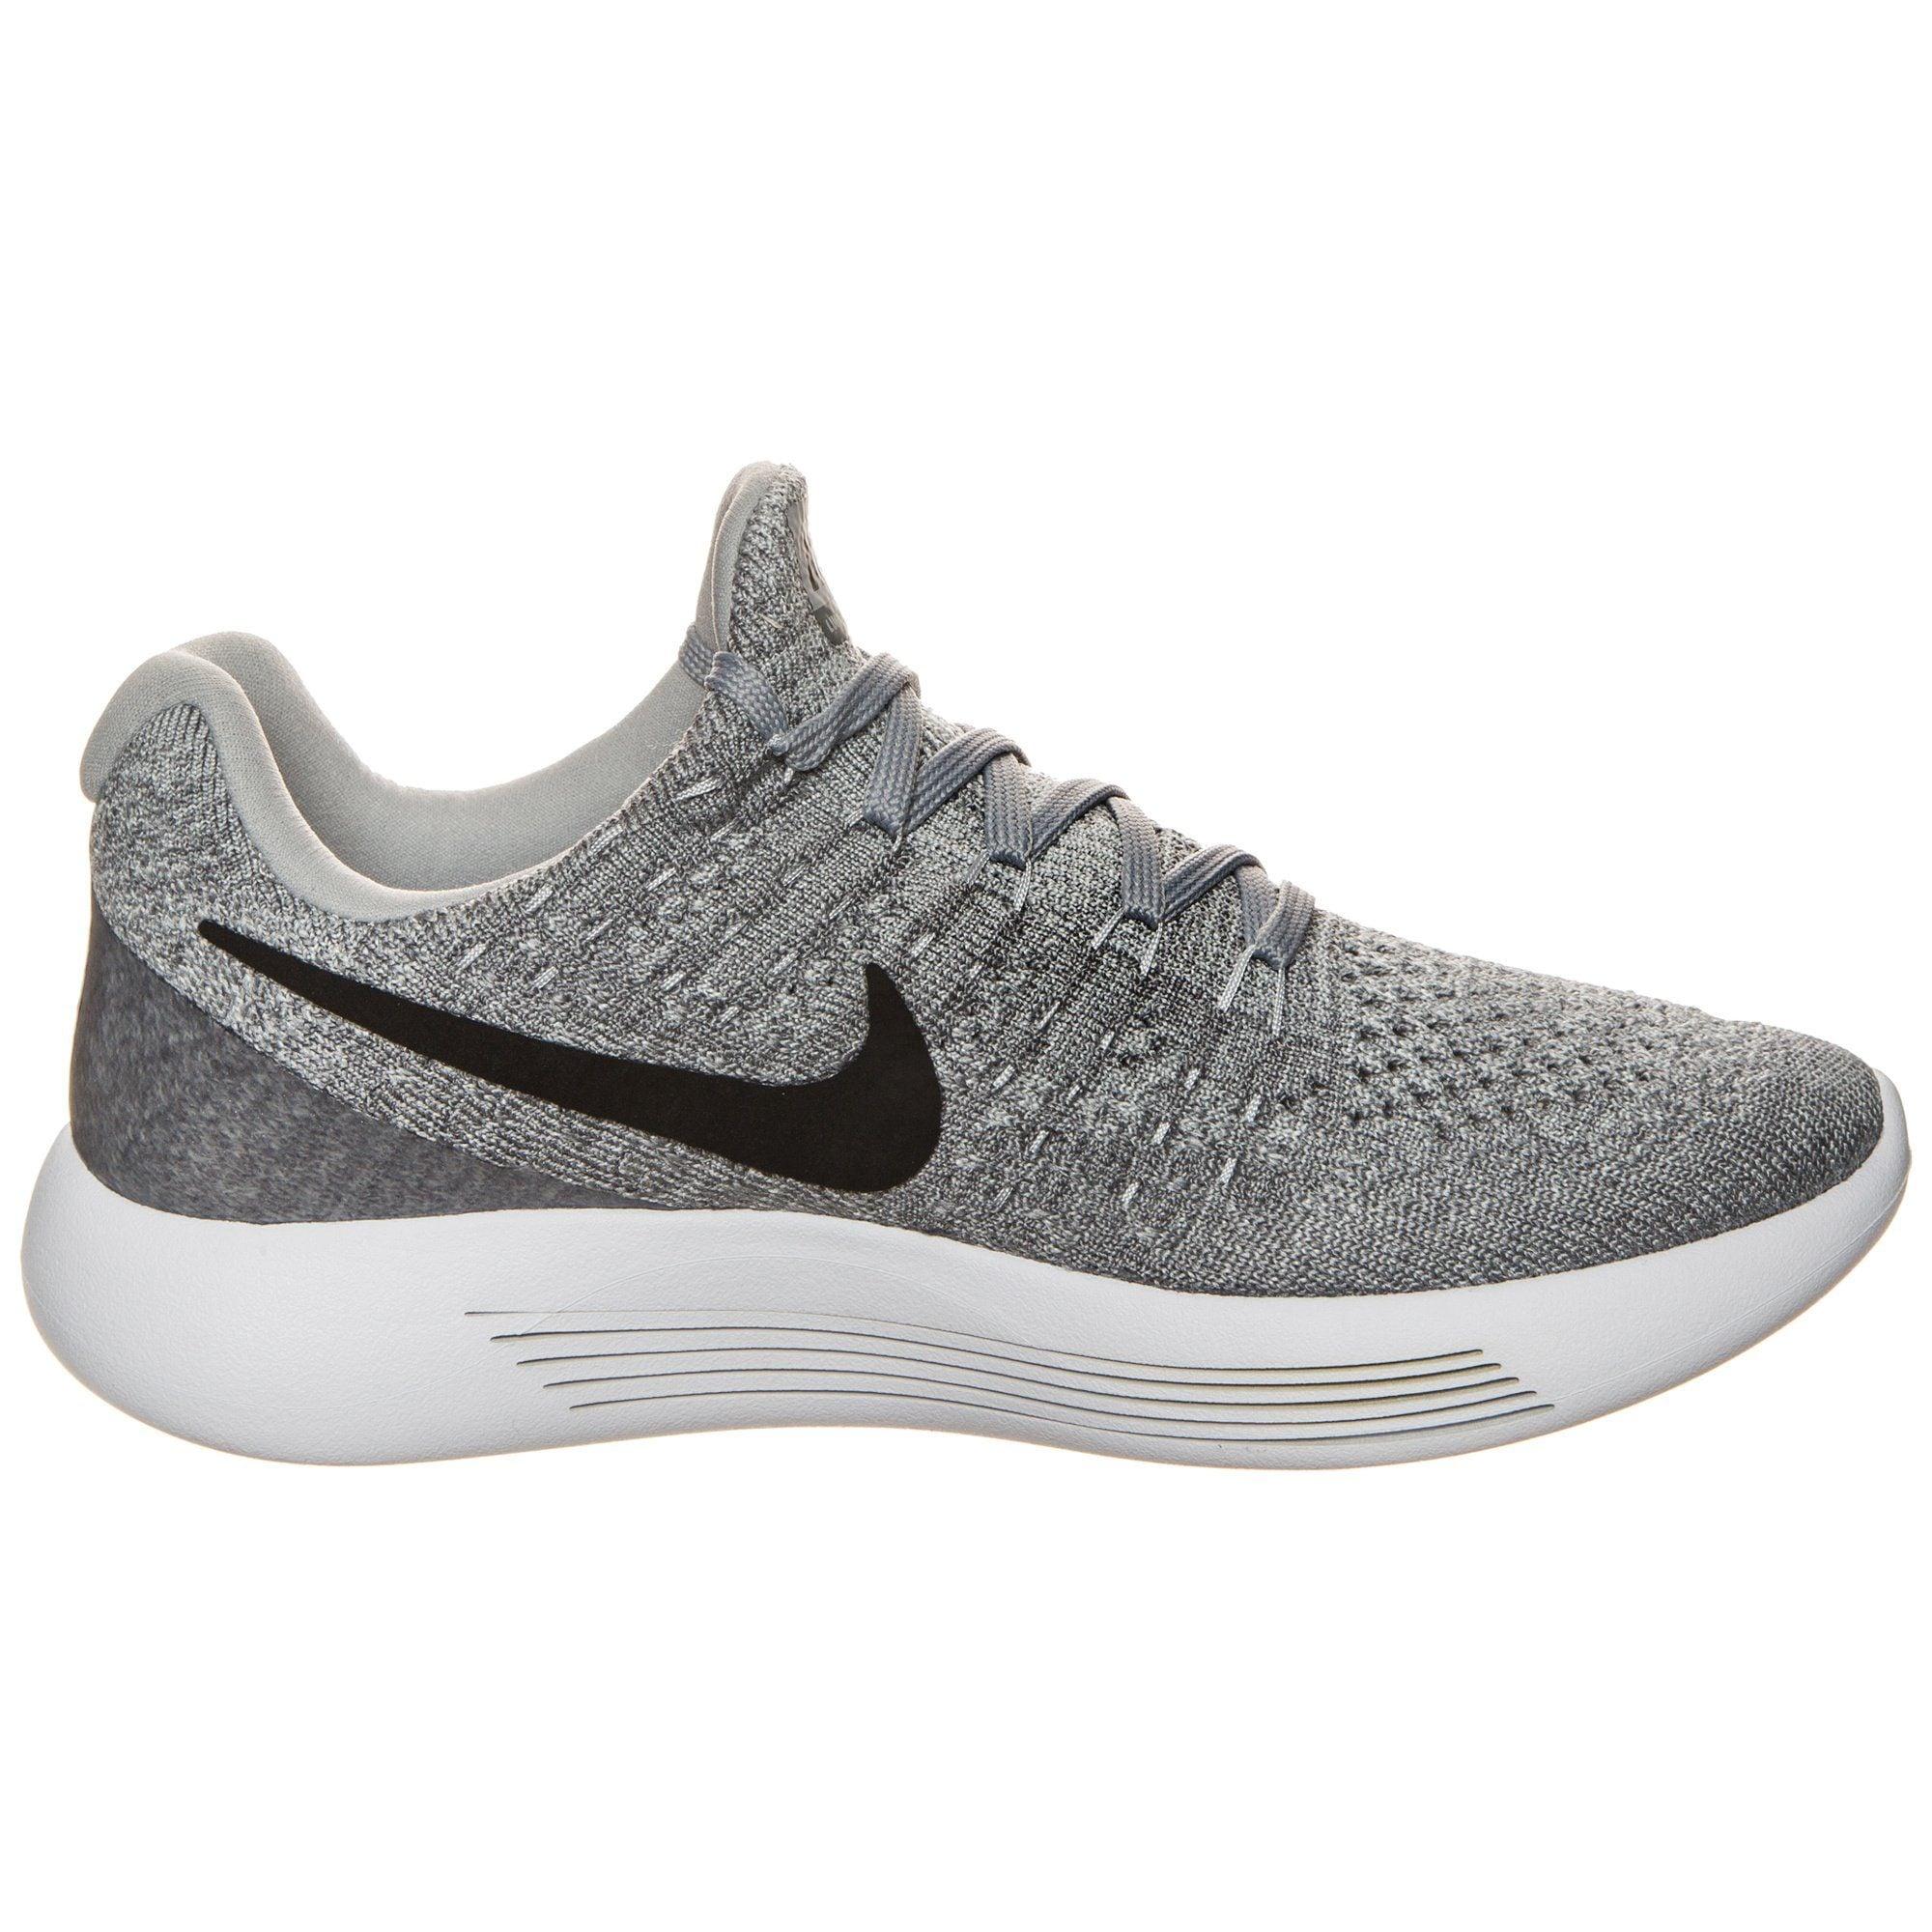 Nike Laufschuh Lunarepic Low Flyknit Flyknit Low 2 | Gutes Preis-Leistungs-Verhältnis, es lohnt sich 6b369f